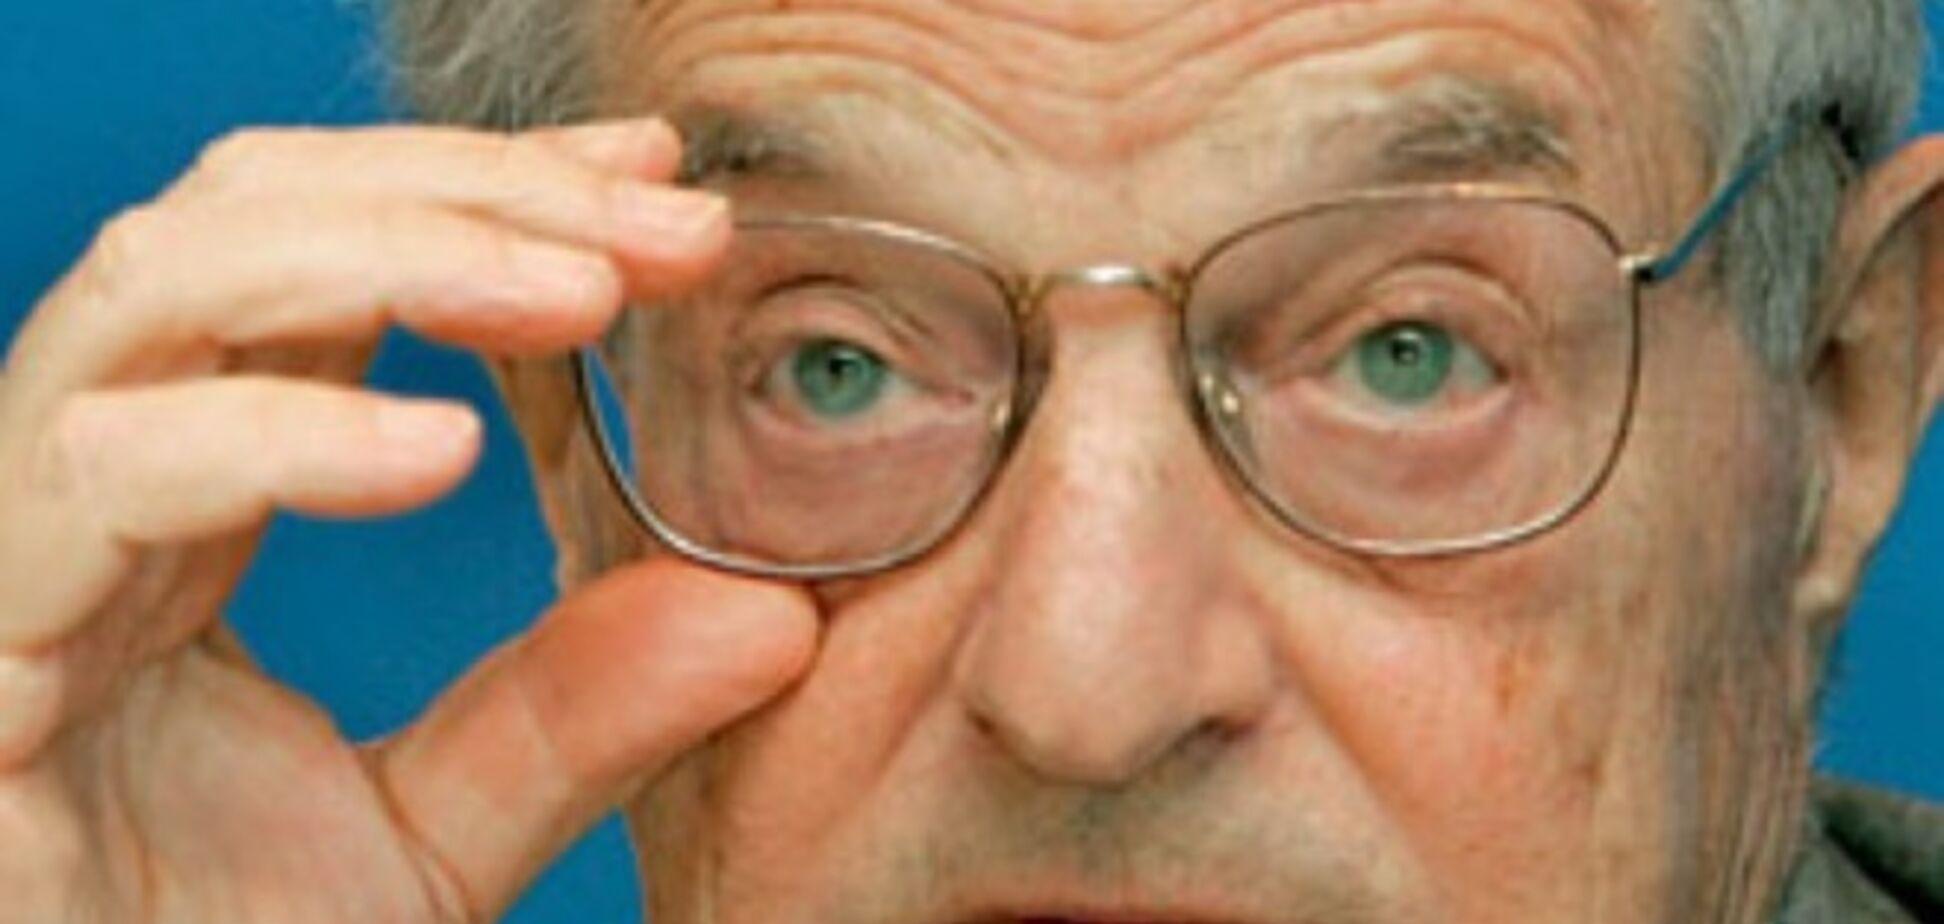 Тайная армия Сороса: кто будет двигать украинский план американского миллиардера?